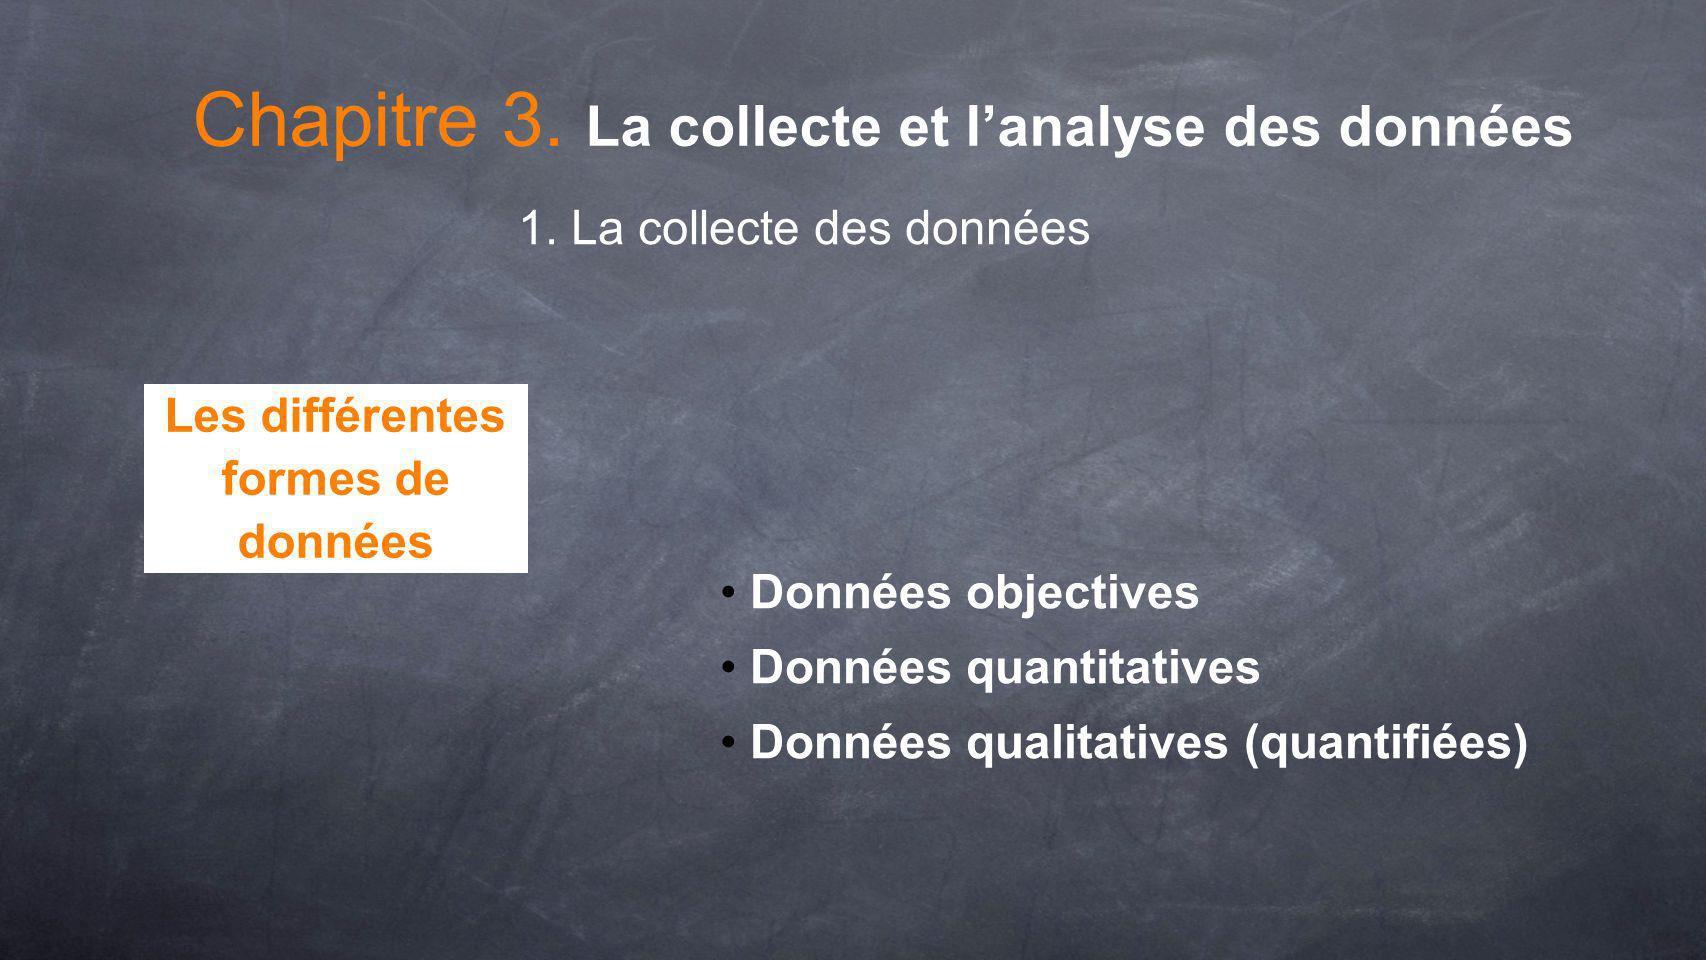 Données objectives Données quantitatives Données qualitatives (quantifiées) Chapitre 3. La collecte et lanalyse des données Les différentes formes de